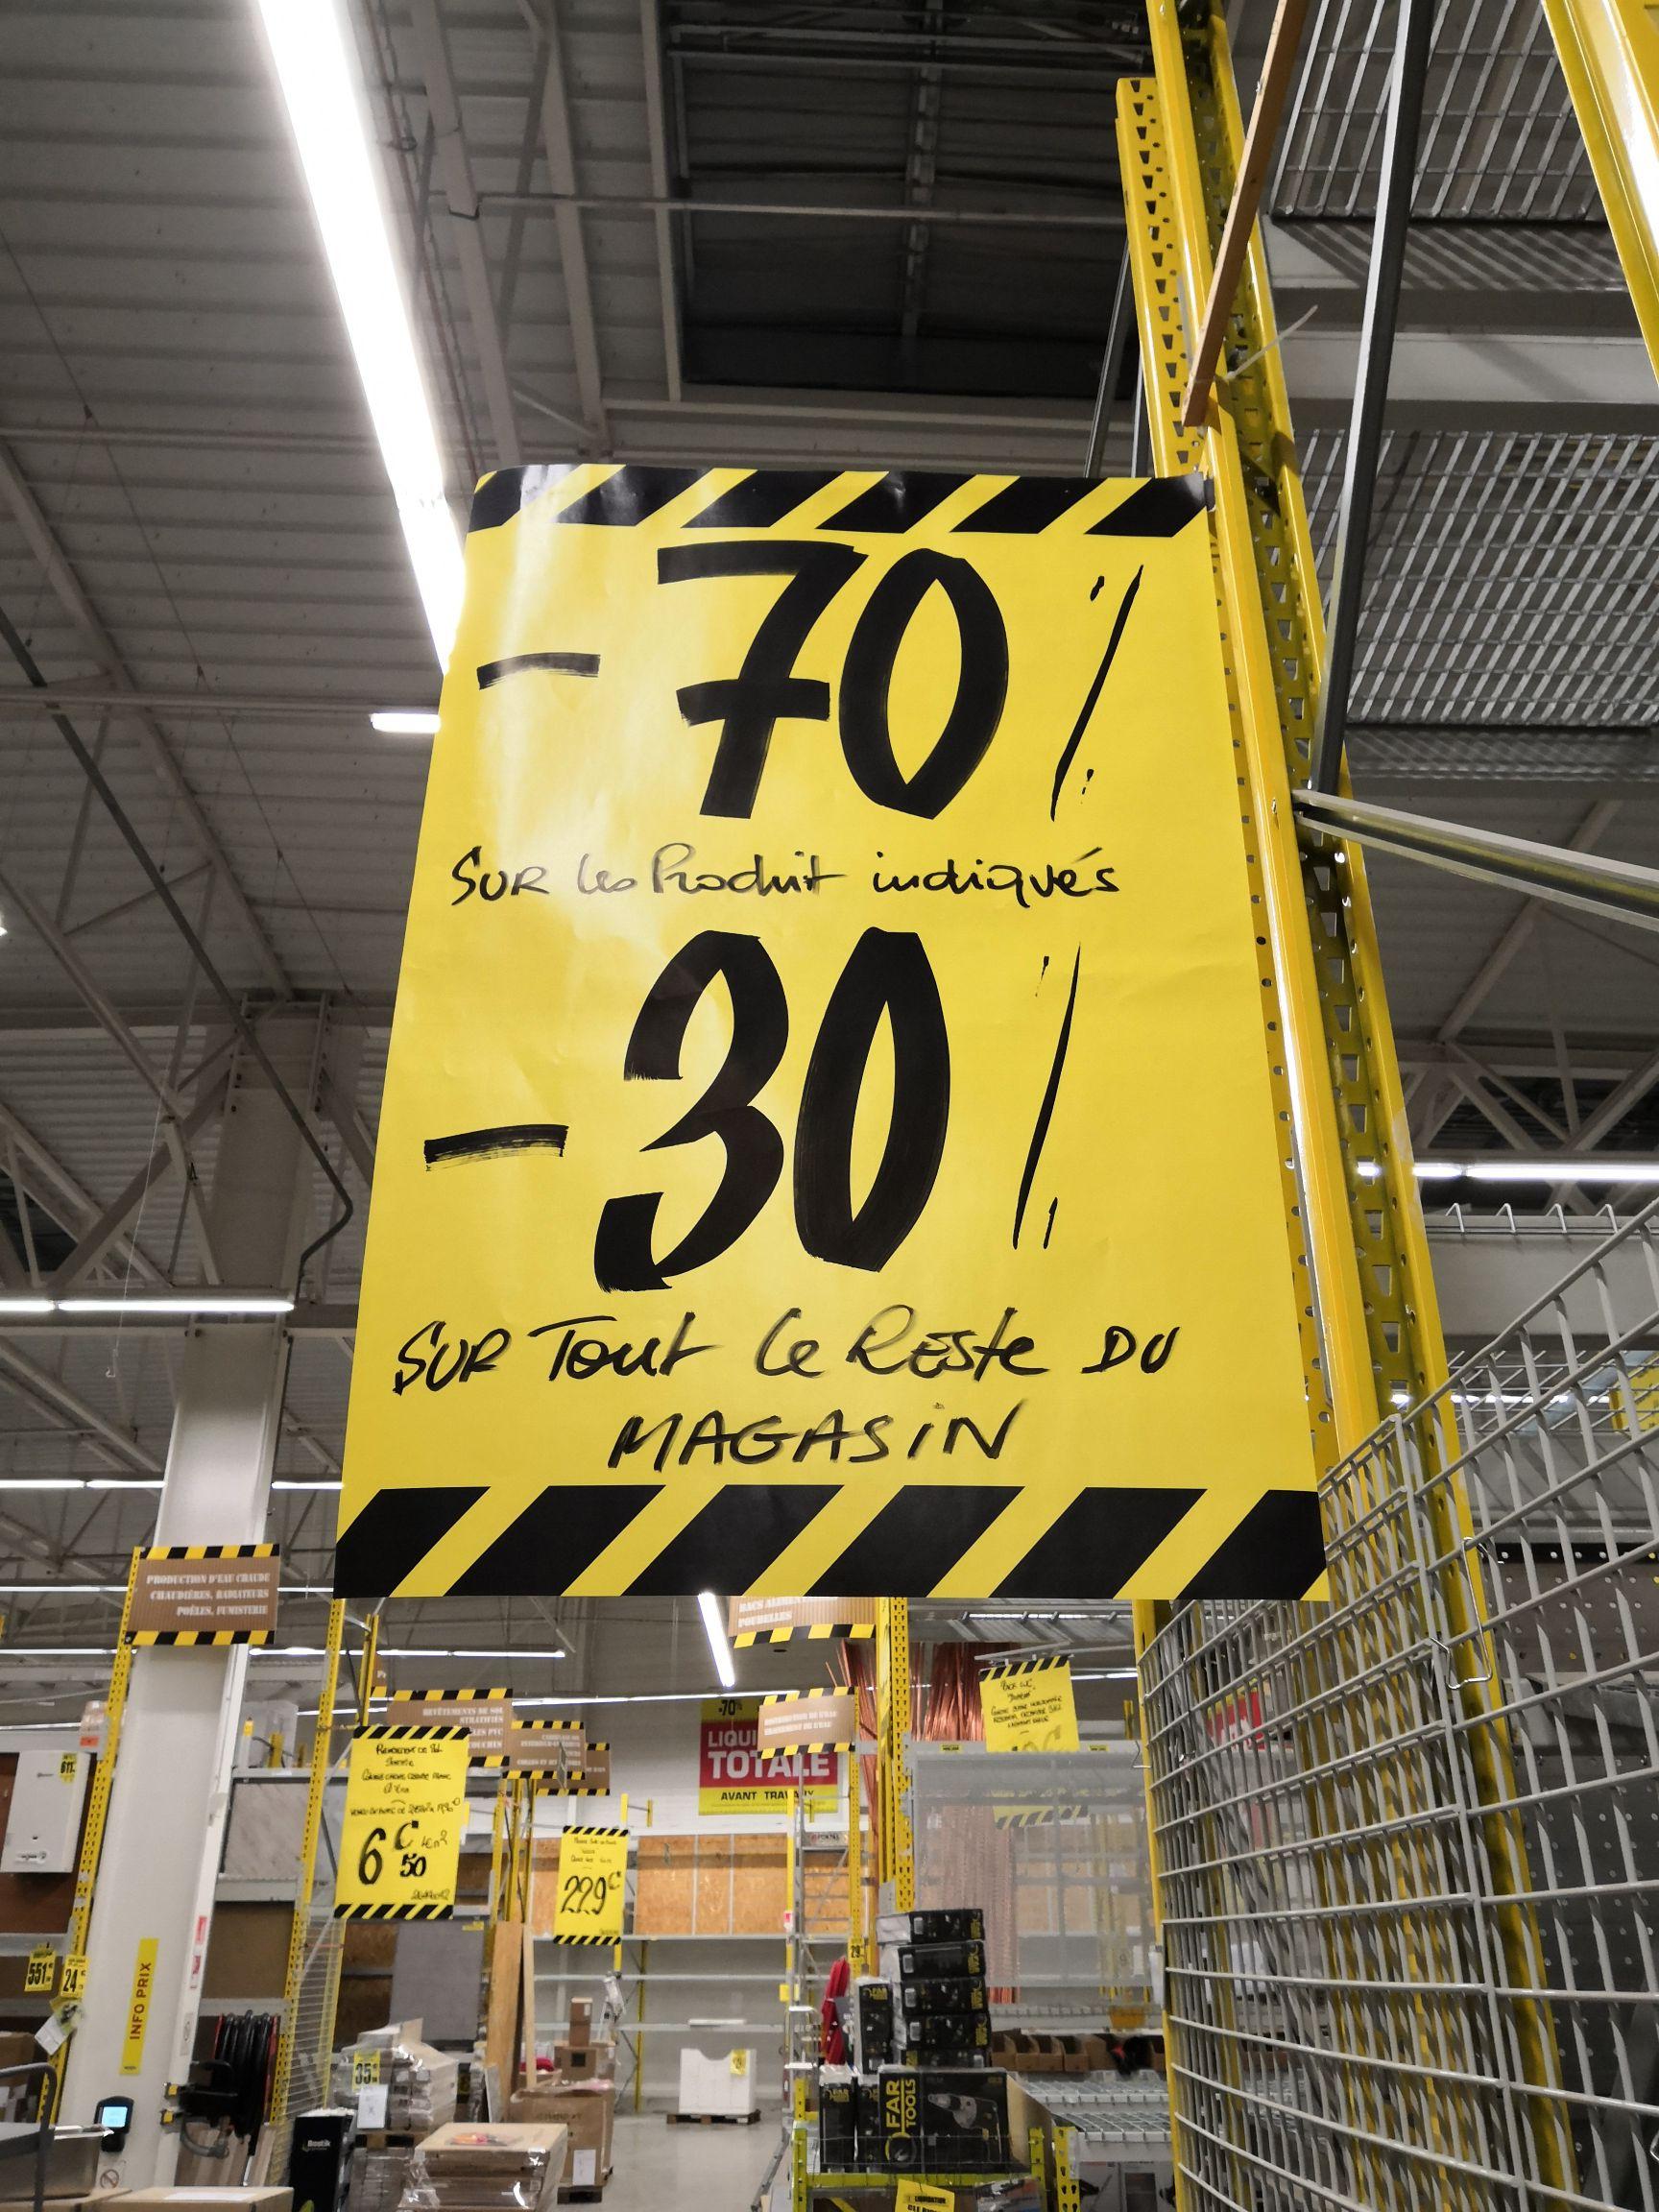 70% de réduction sur les produits signalés et 30% sur tout le reste du magasin - Batkor Meaux (77)